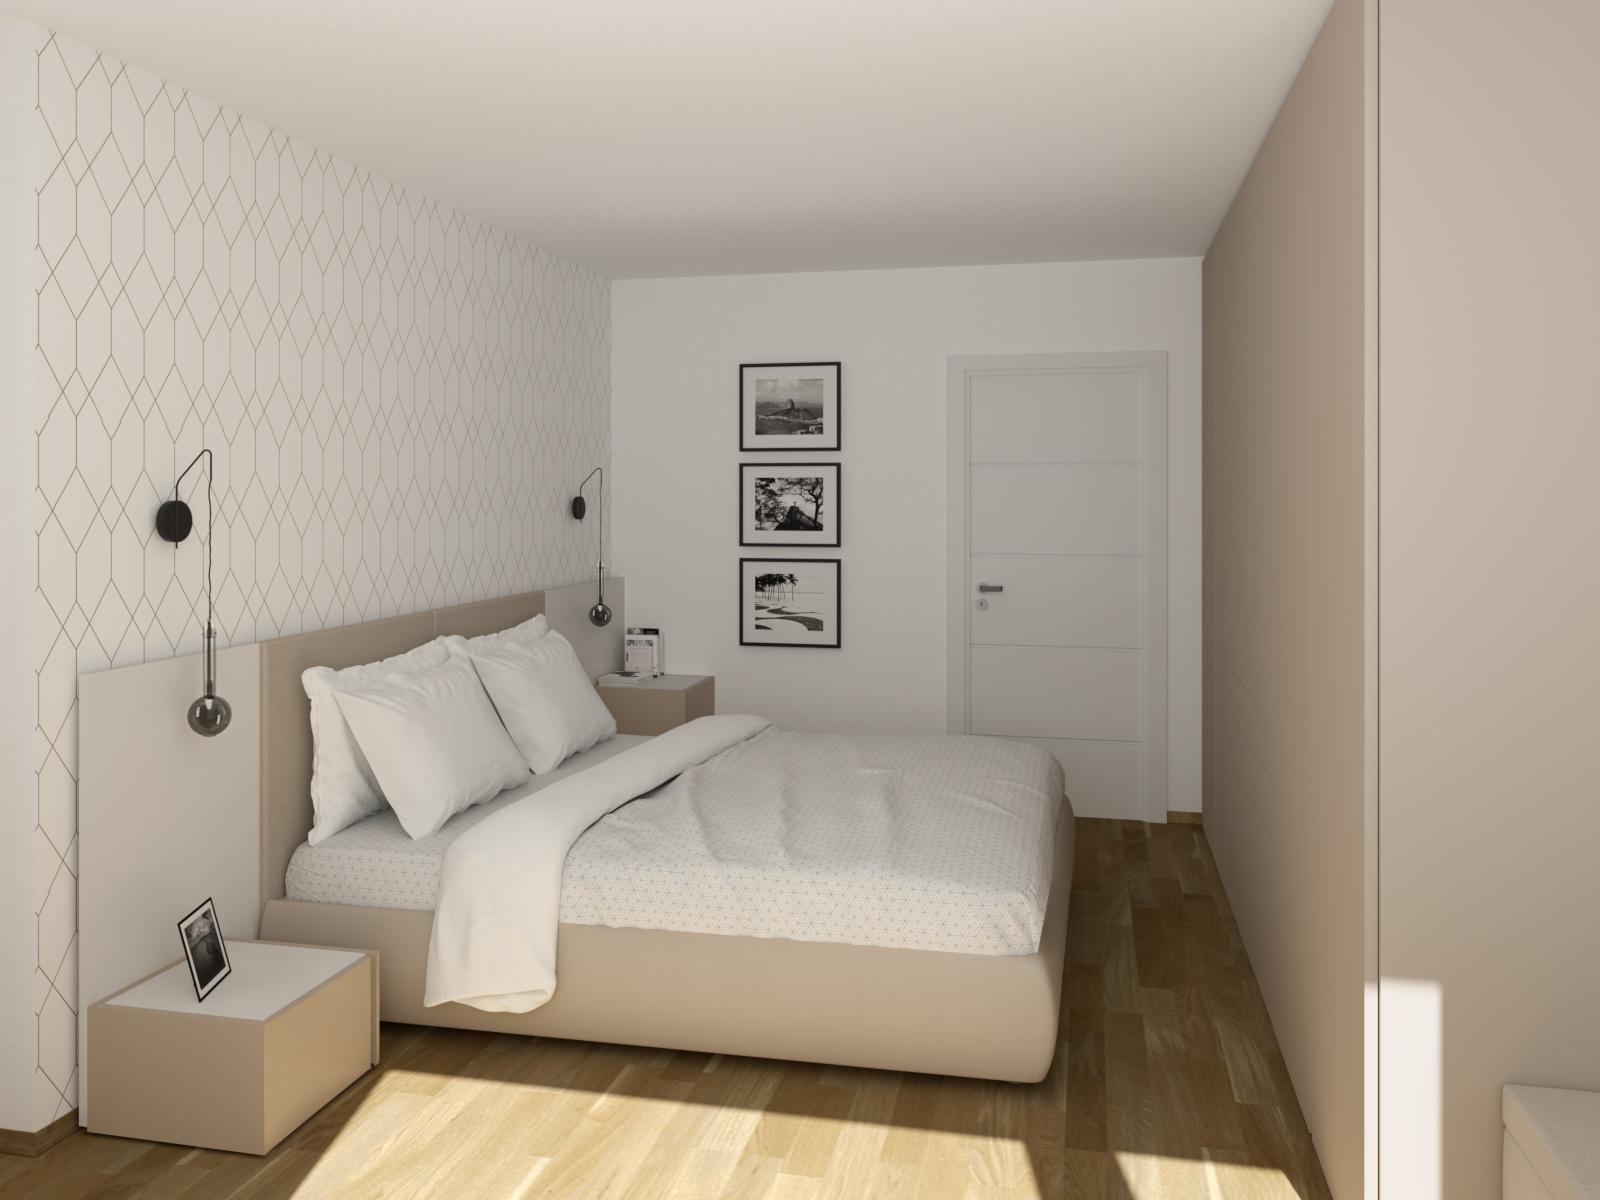 Progetto camera di 10 mq con letto con boiserie - 3403 Camera